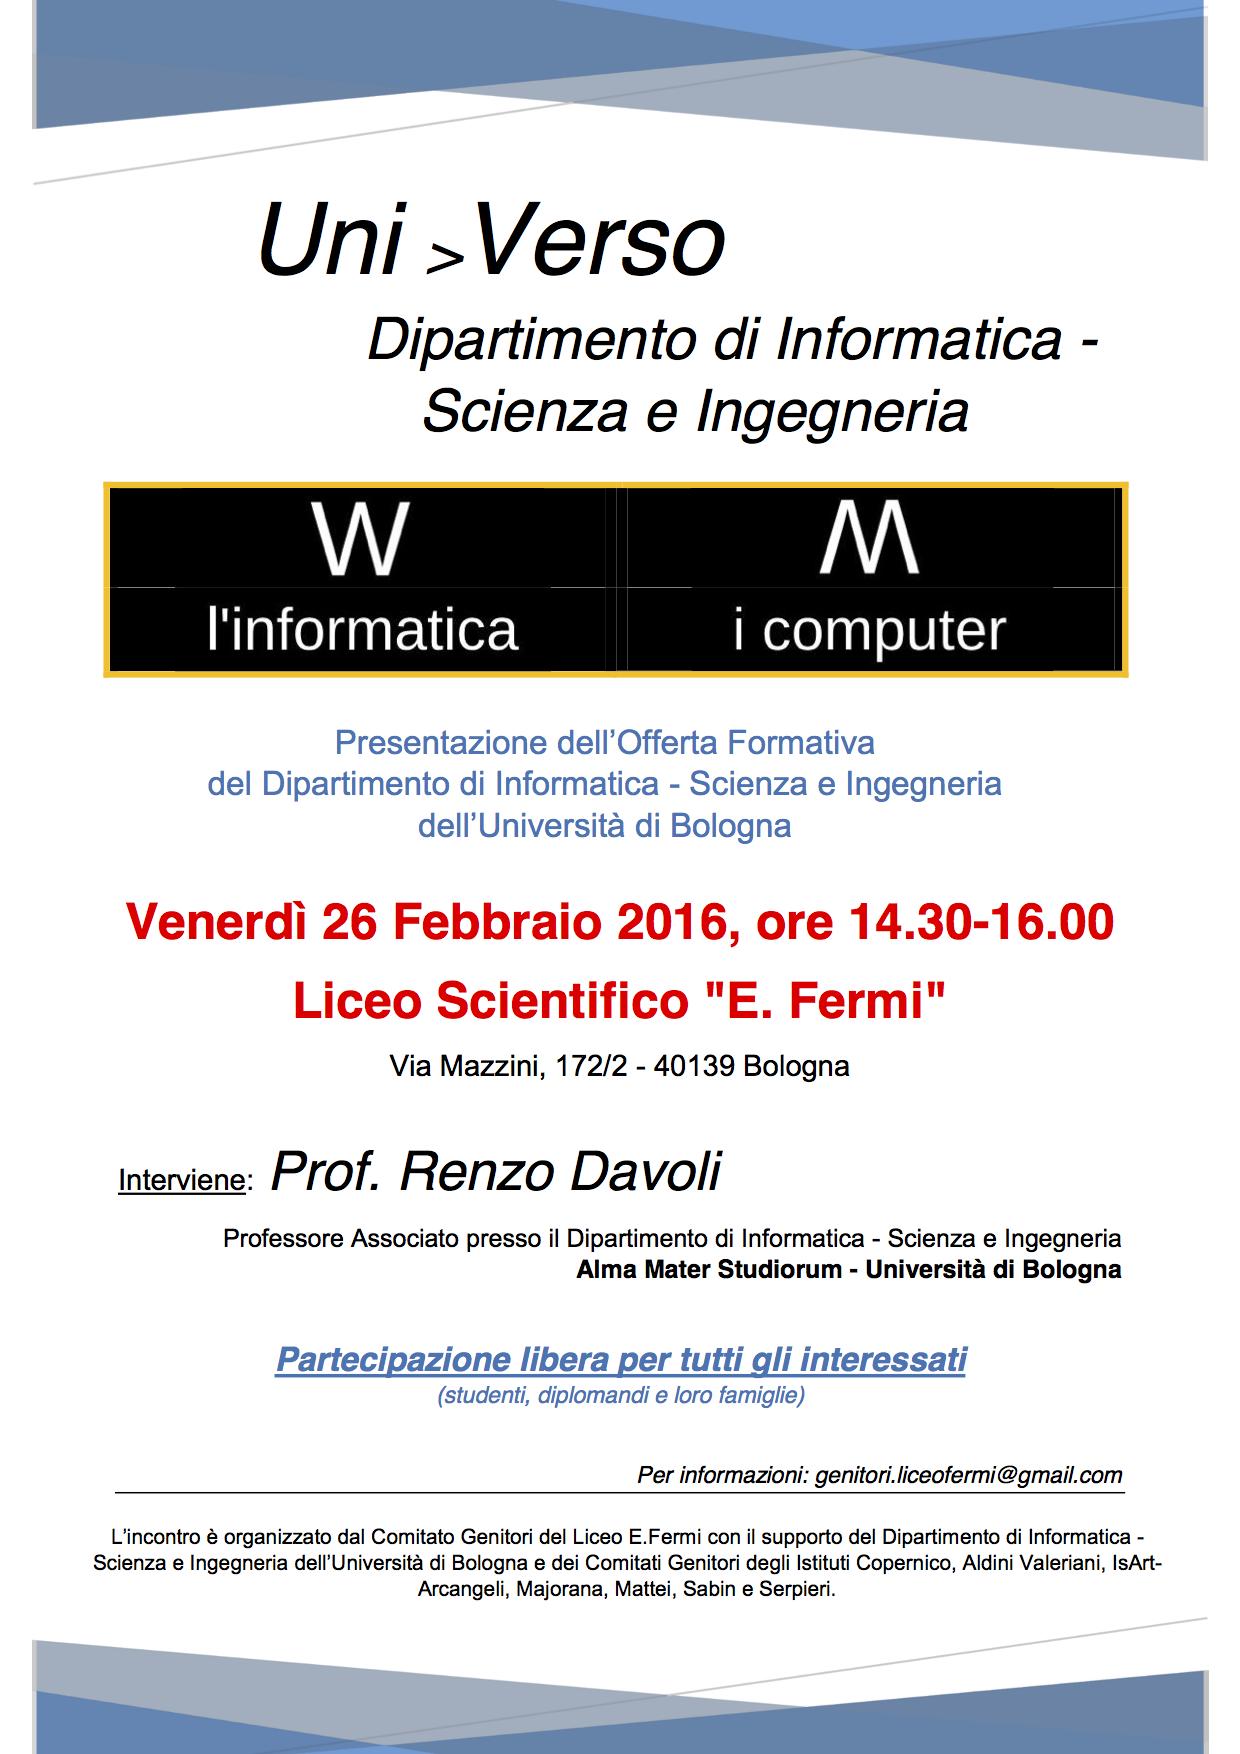 Uni>Verso: Viva l' informatica, abbasso i computer